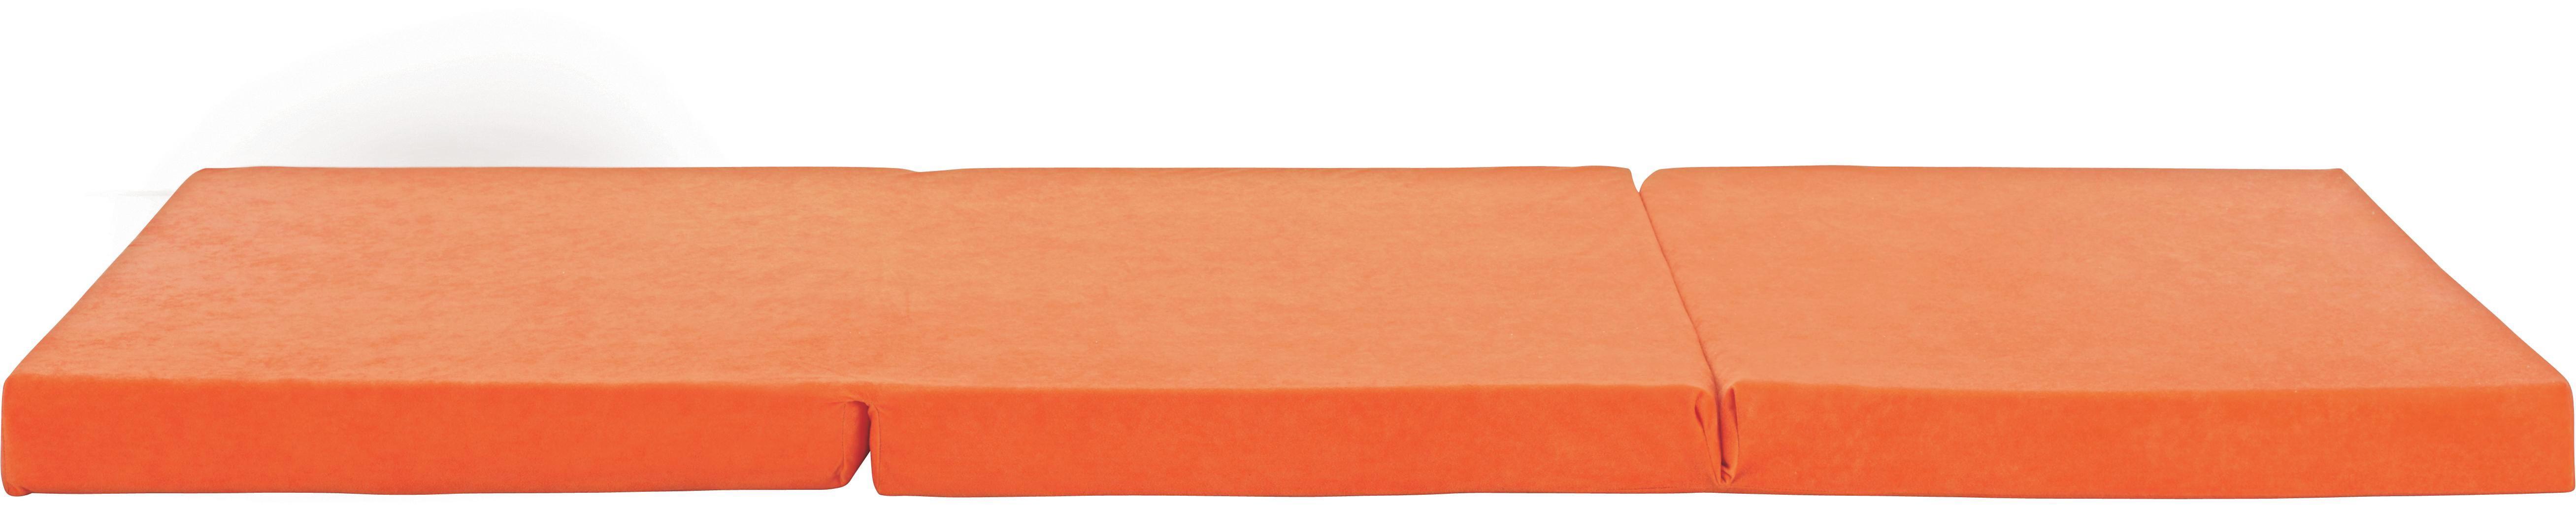 Összecsukható Matrac Anna - narancs, textil (65/185cm)